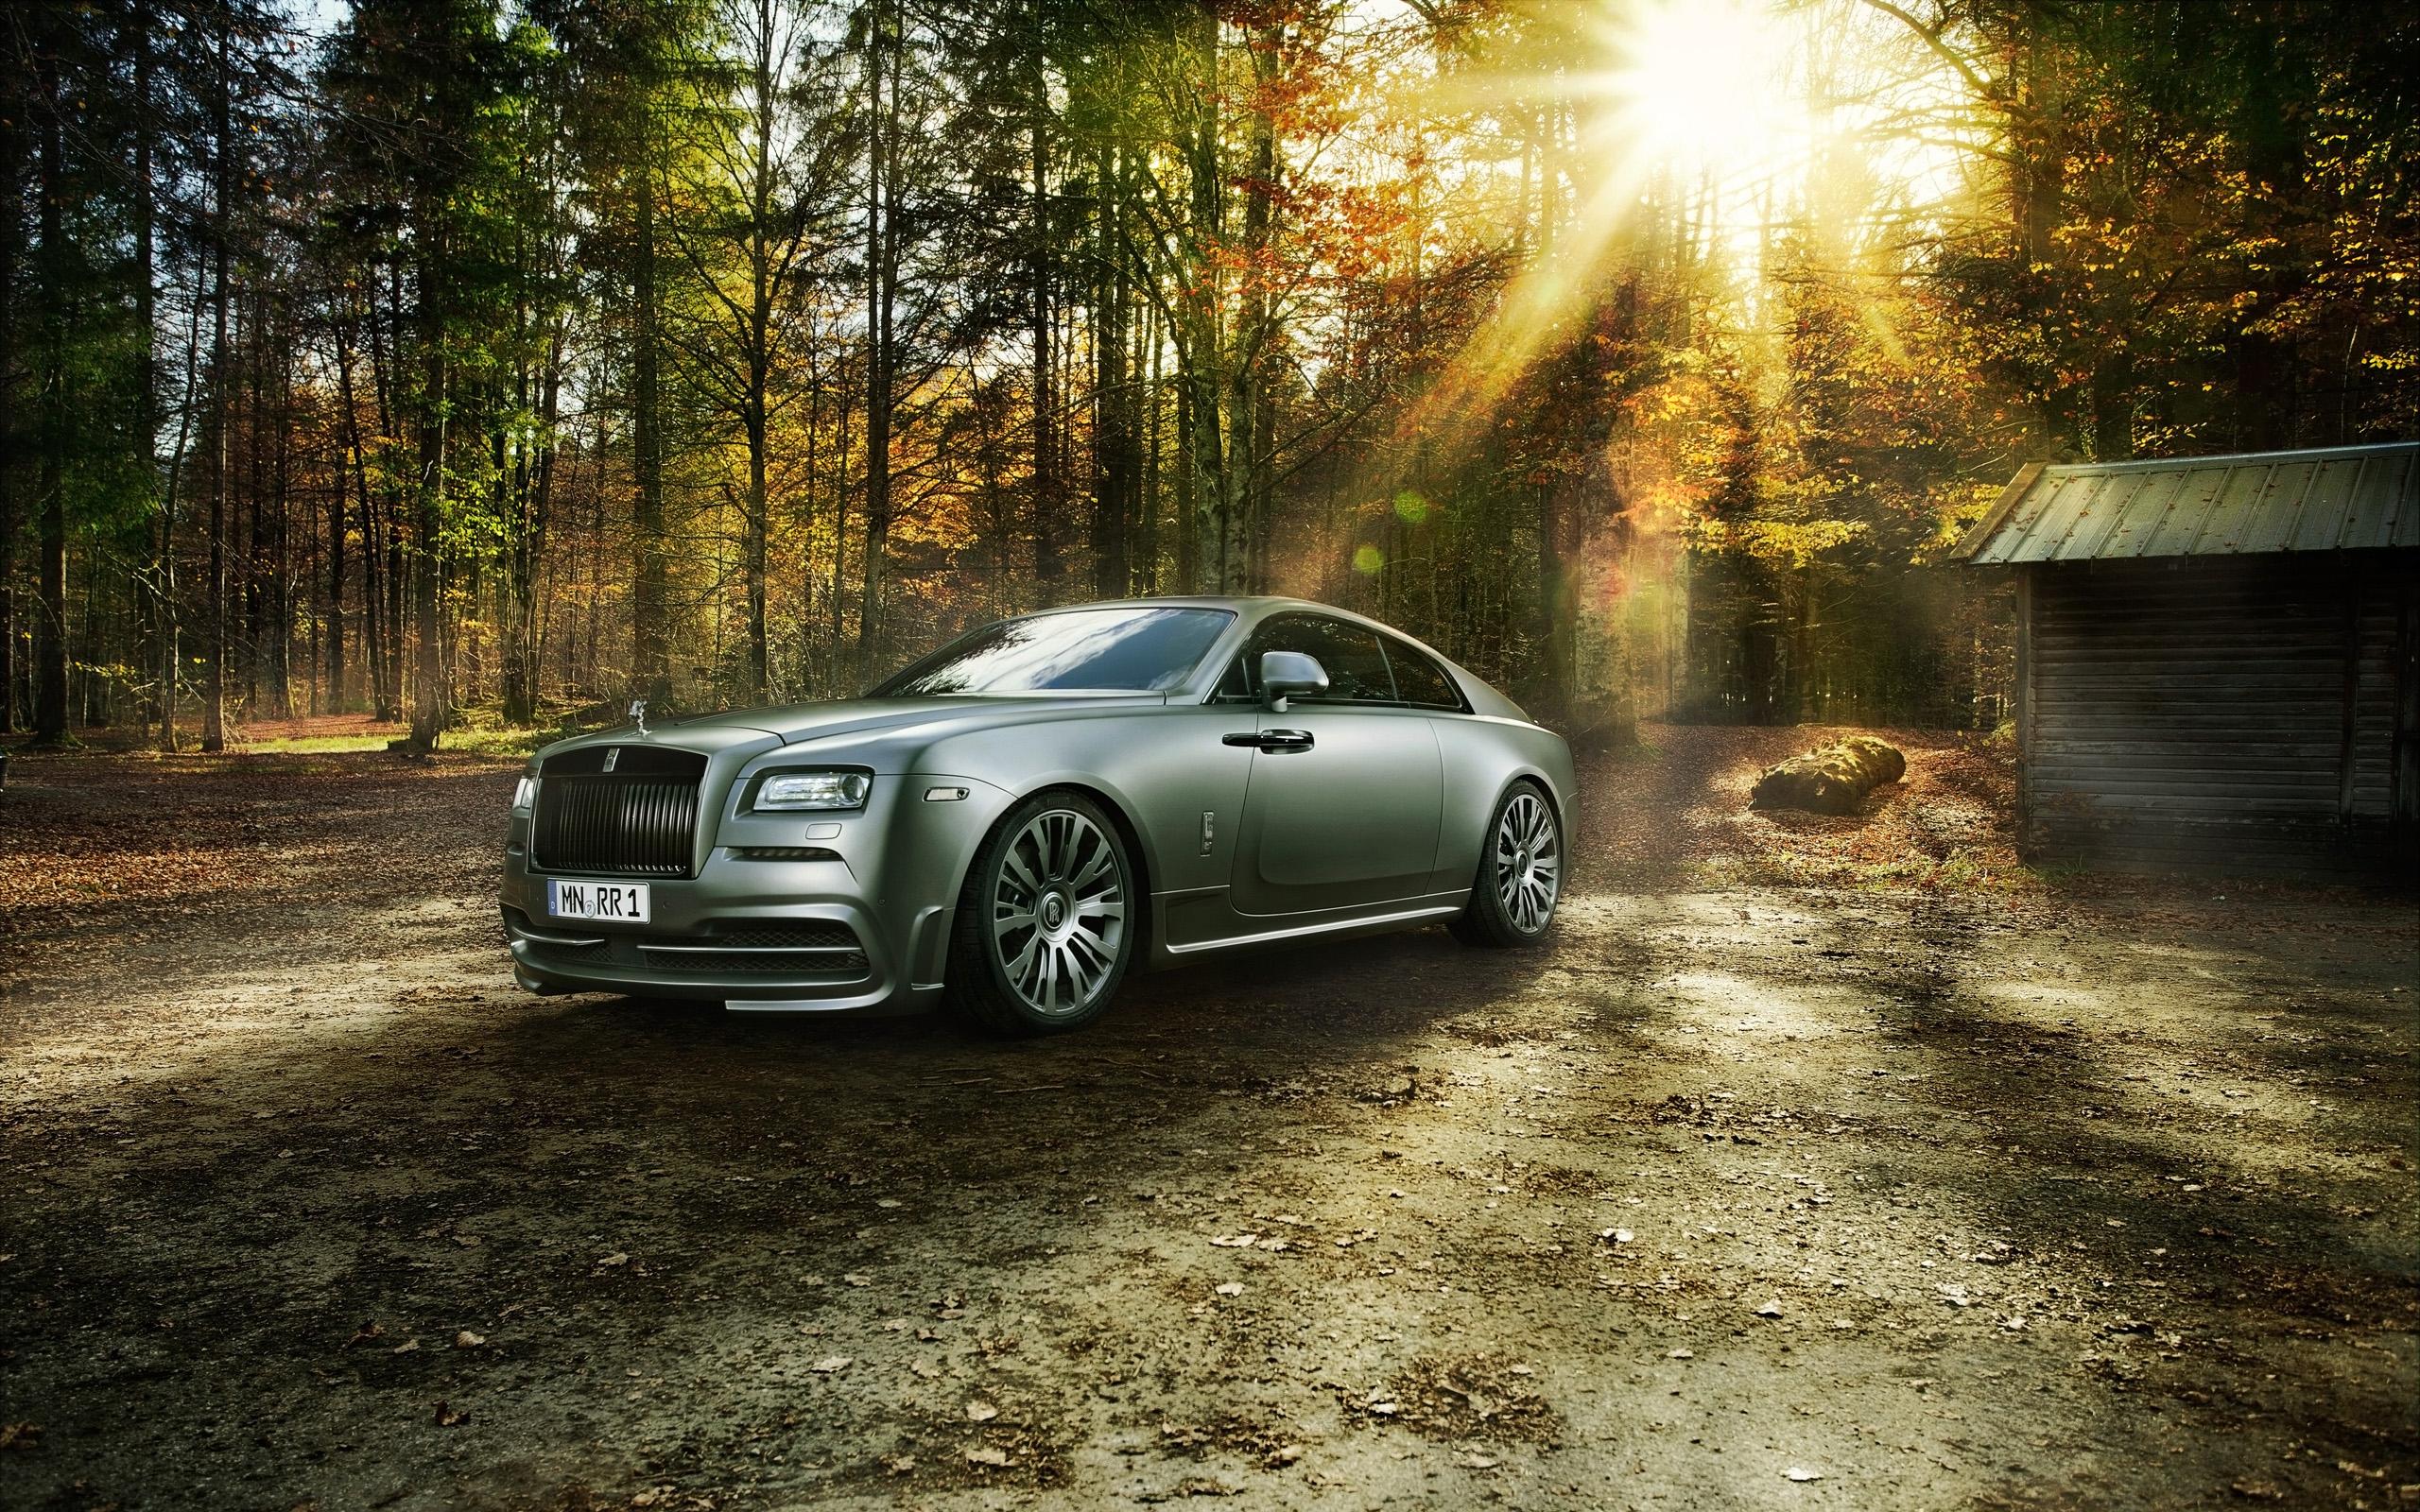 Jaguar Car Live Wallpaper Download 2014 Spofec Rolls Royce Wraith 2 Wallpaper Hd Car